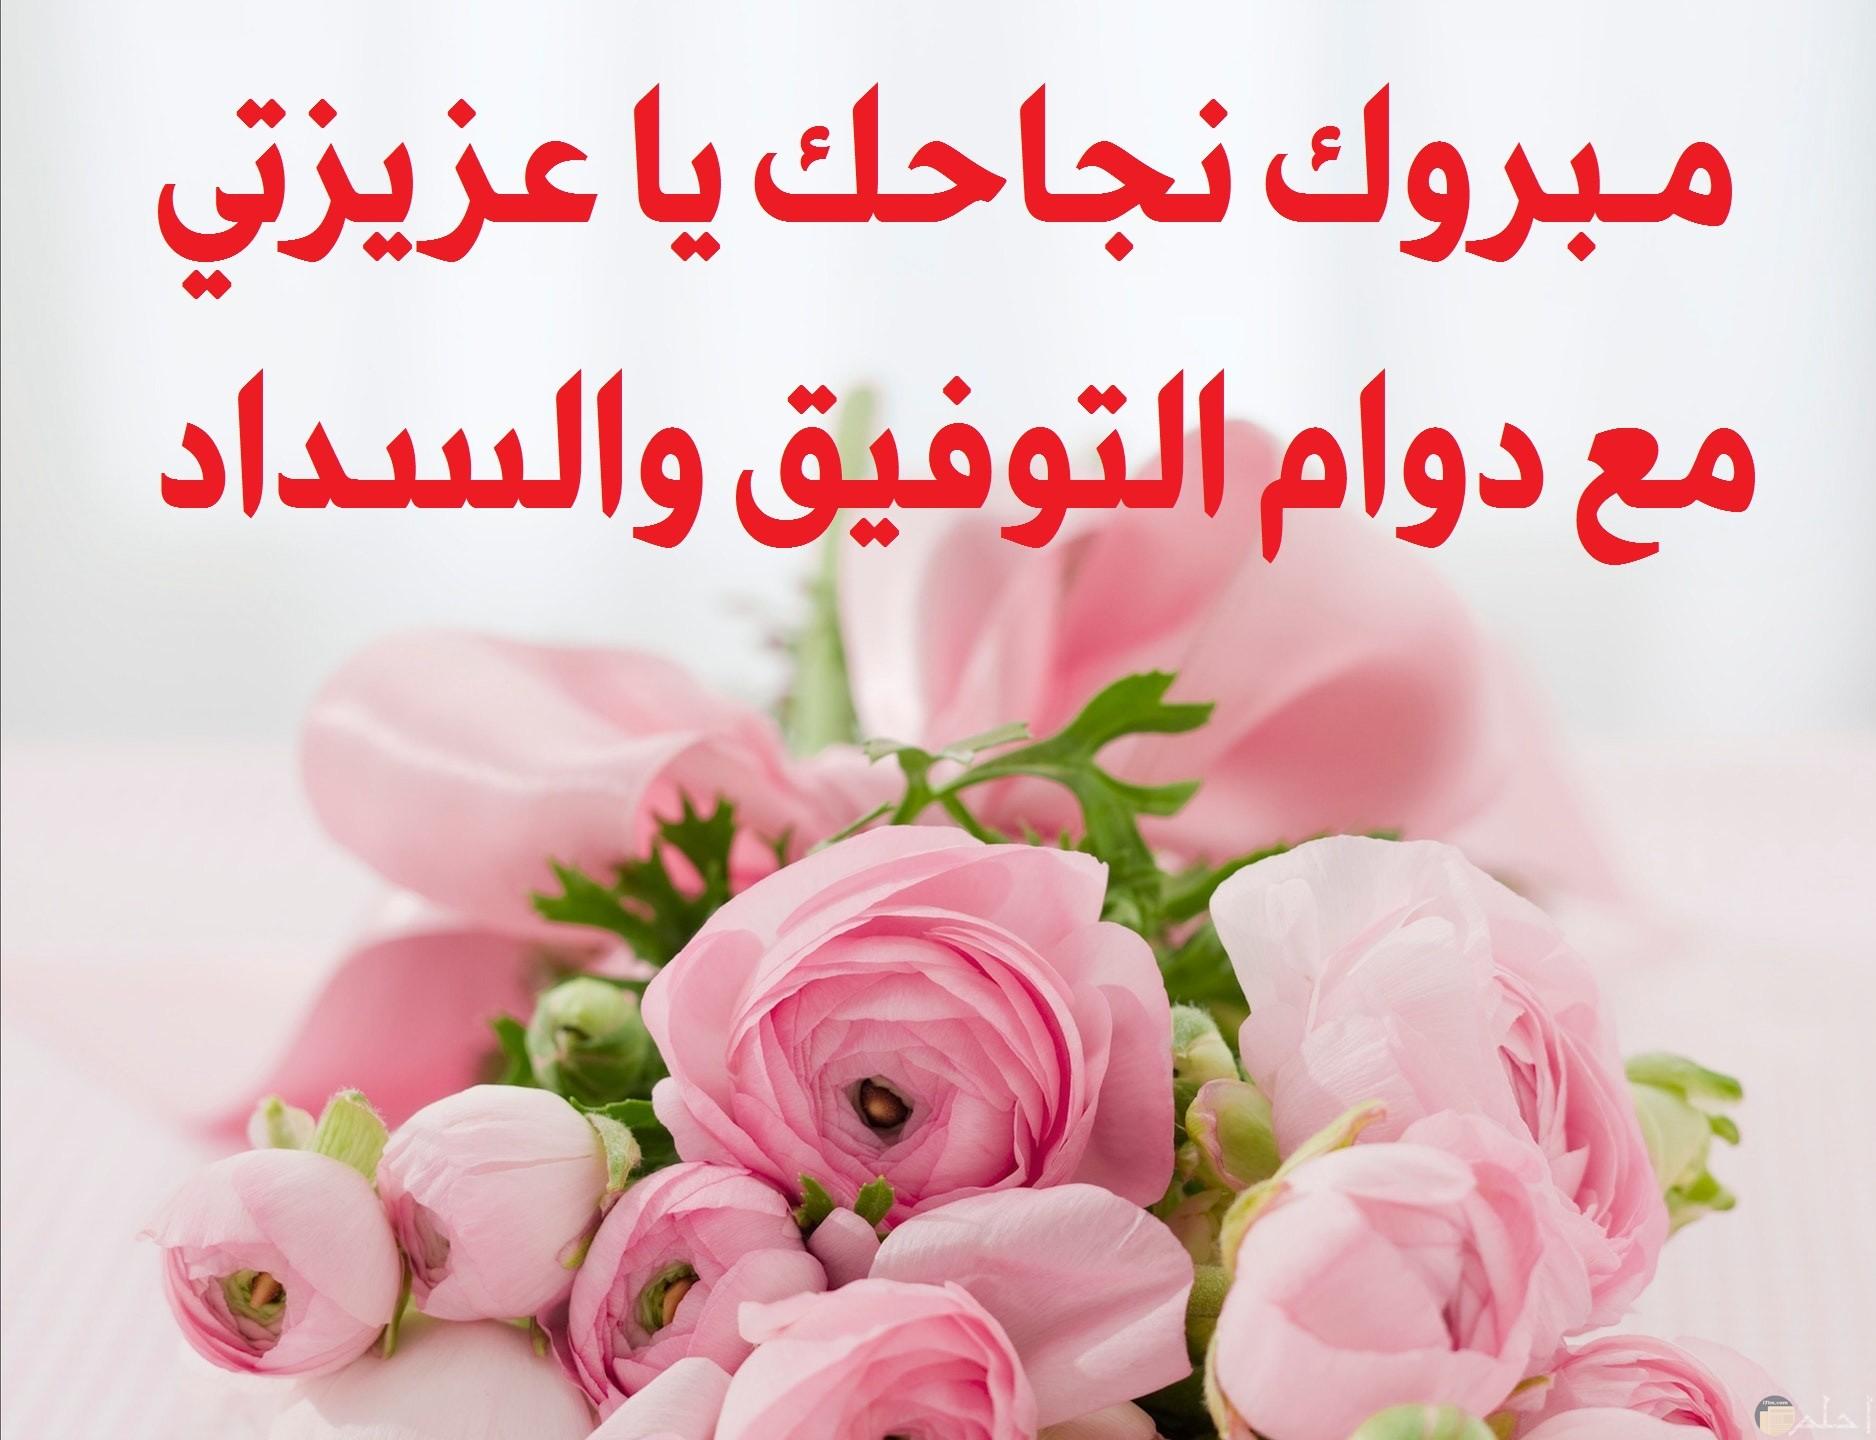 مبروك نجاحك يا عزيزتي مع دوام التوفيق والسداد مع باقة ورد ورديه